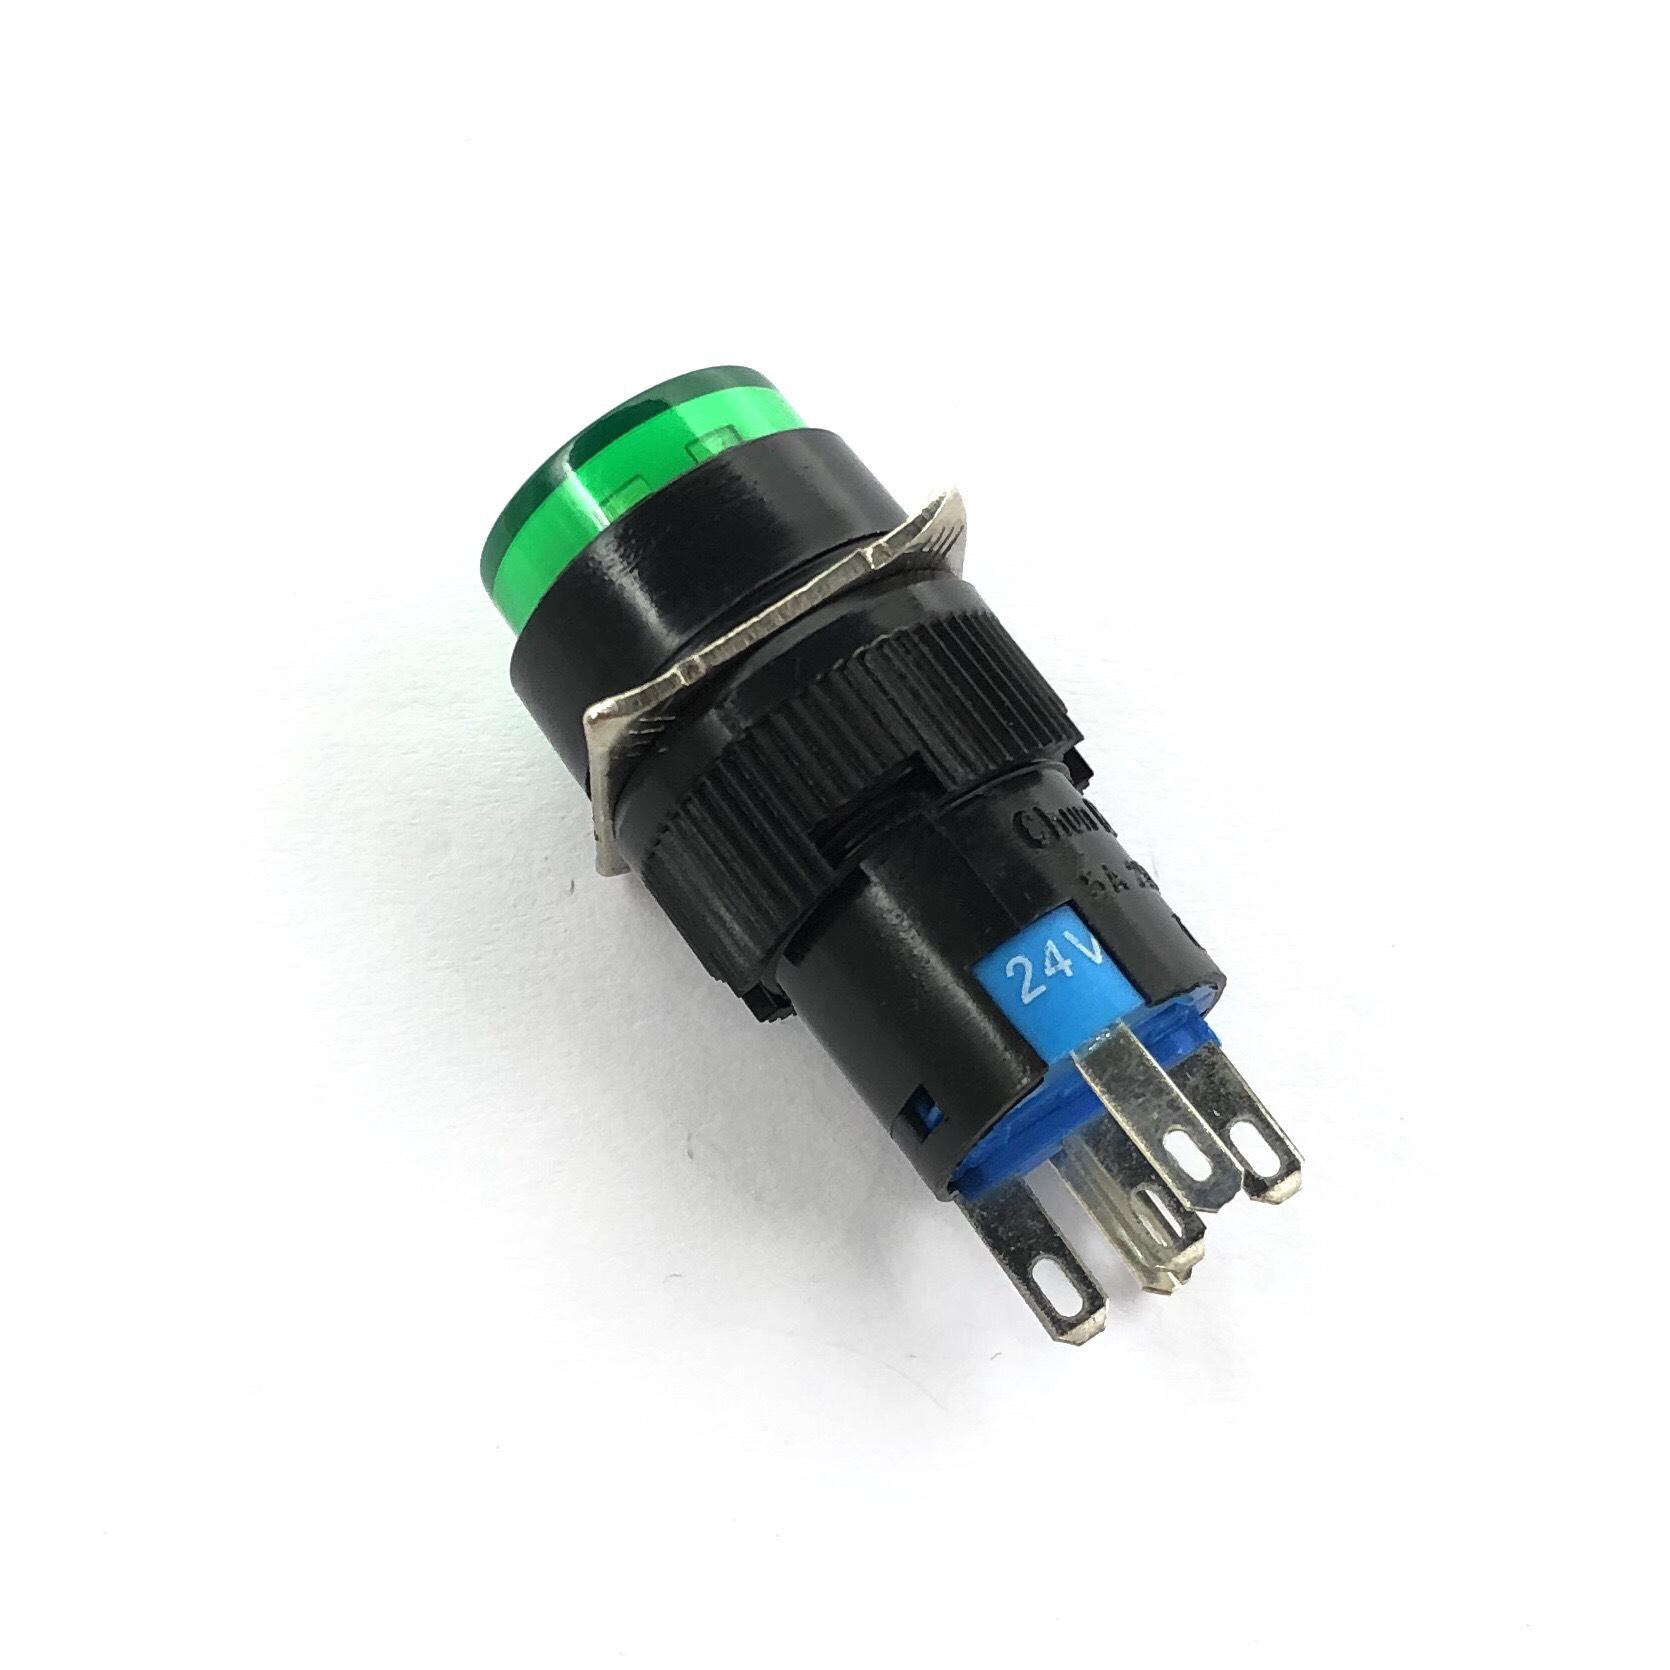 Nút nhấn nhả K16Y-DSA1 LA160 có đèn 5 chân 1 cặp tiếp điểm màu xanh lá - G8H2